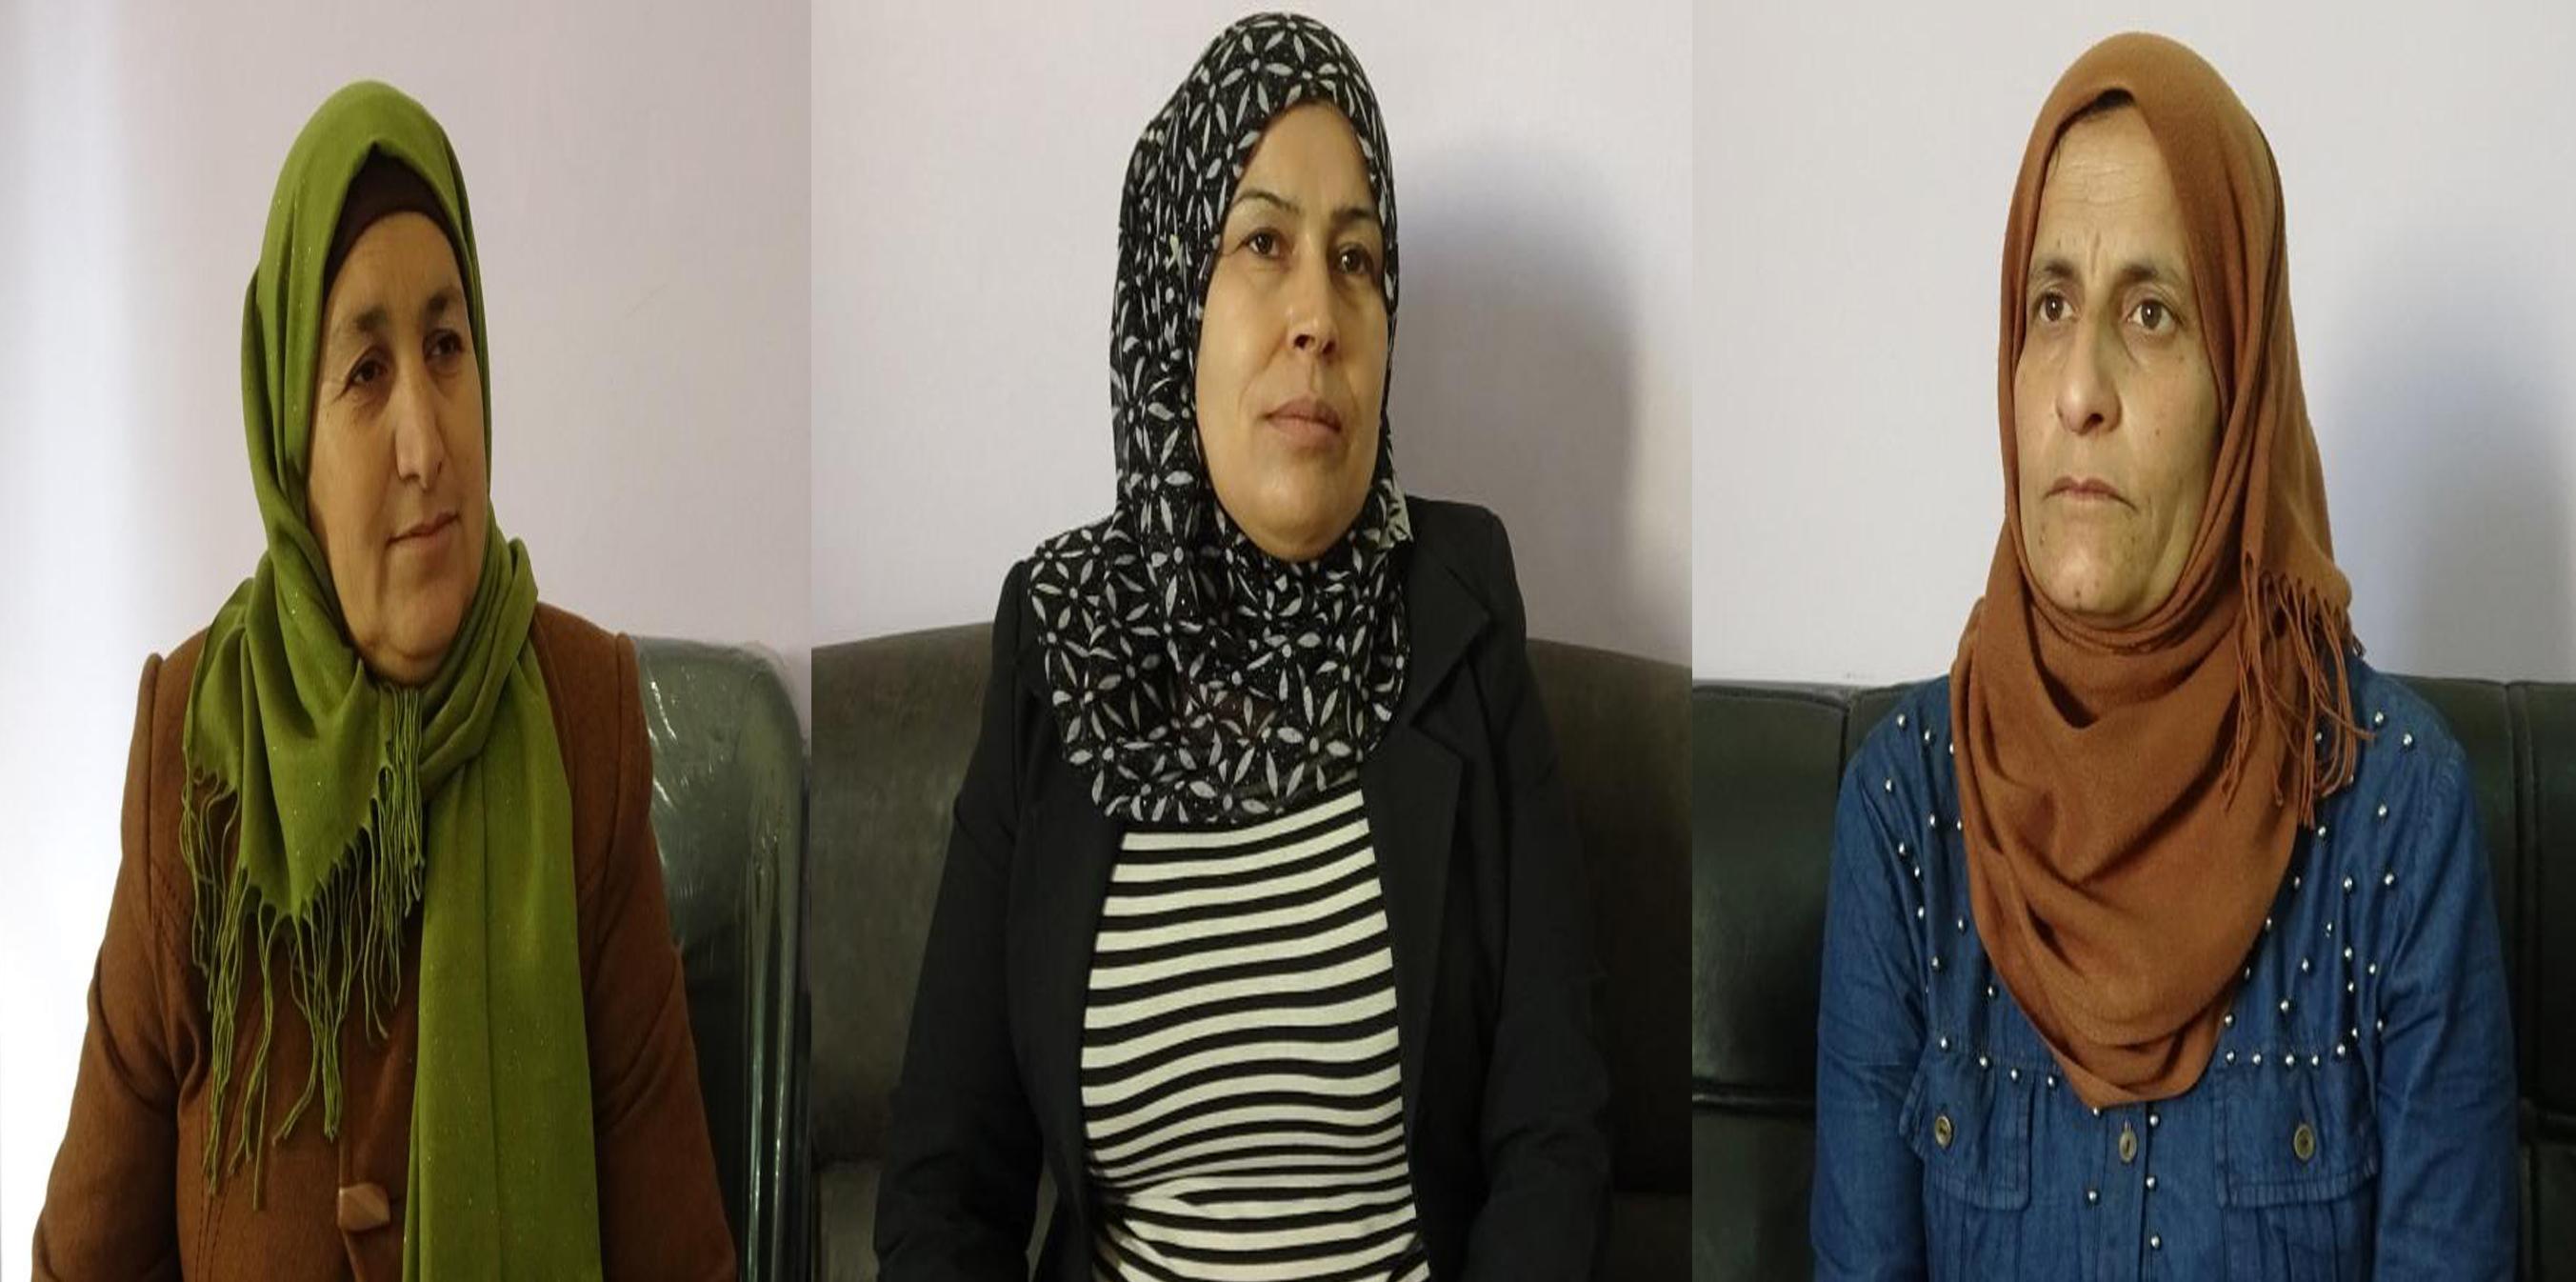 نساء الرقة : هدف أردوغان هو صرف أنظار العالم عن أزمة تركيا الداخلية